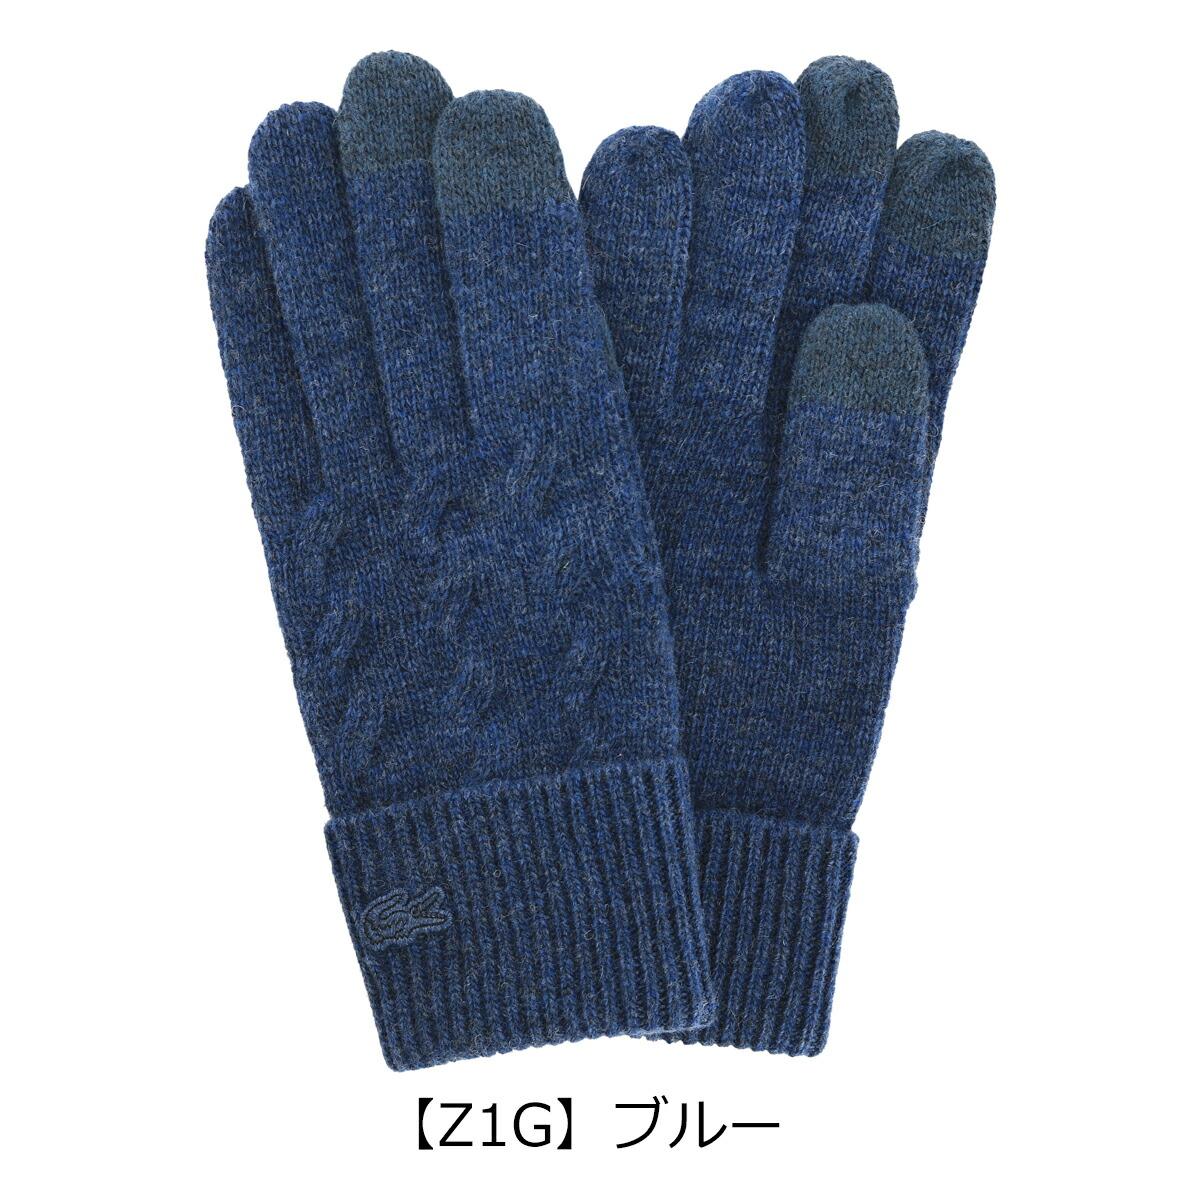 【Z1G】ブルー